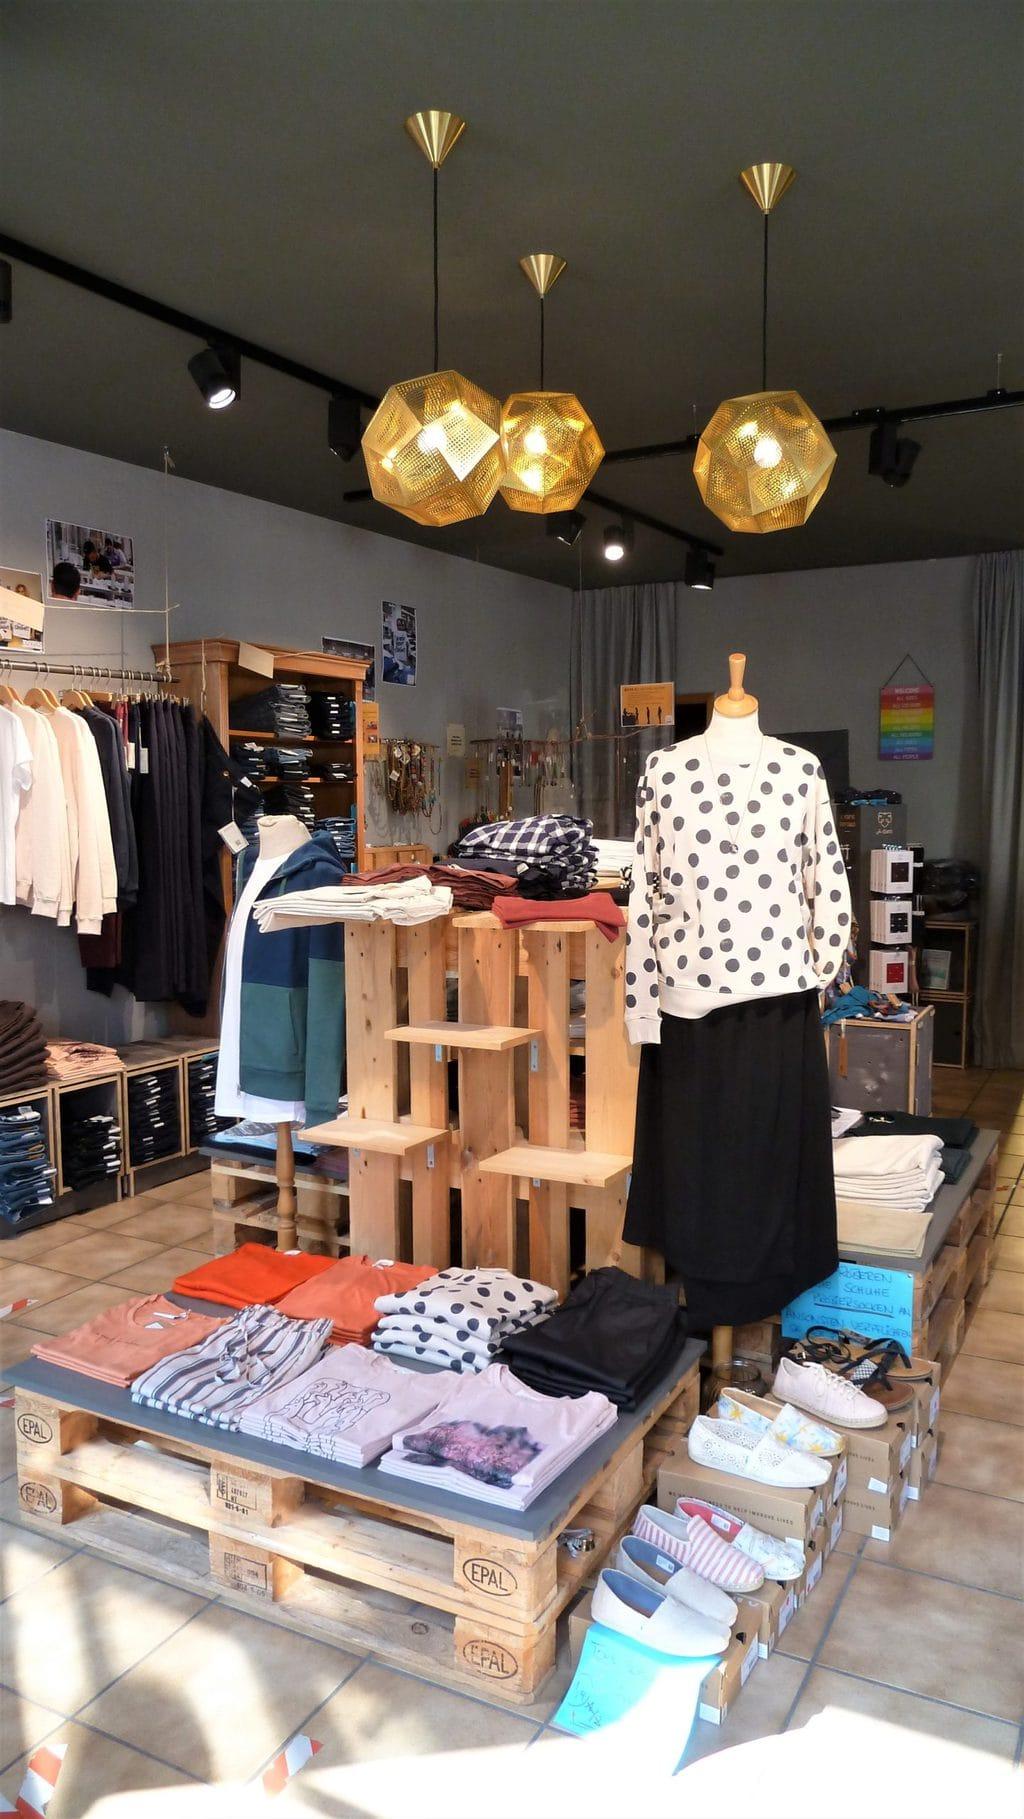 Het aanbod in de winkel Fischerins Kleid in Ulm is toch best wel groot